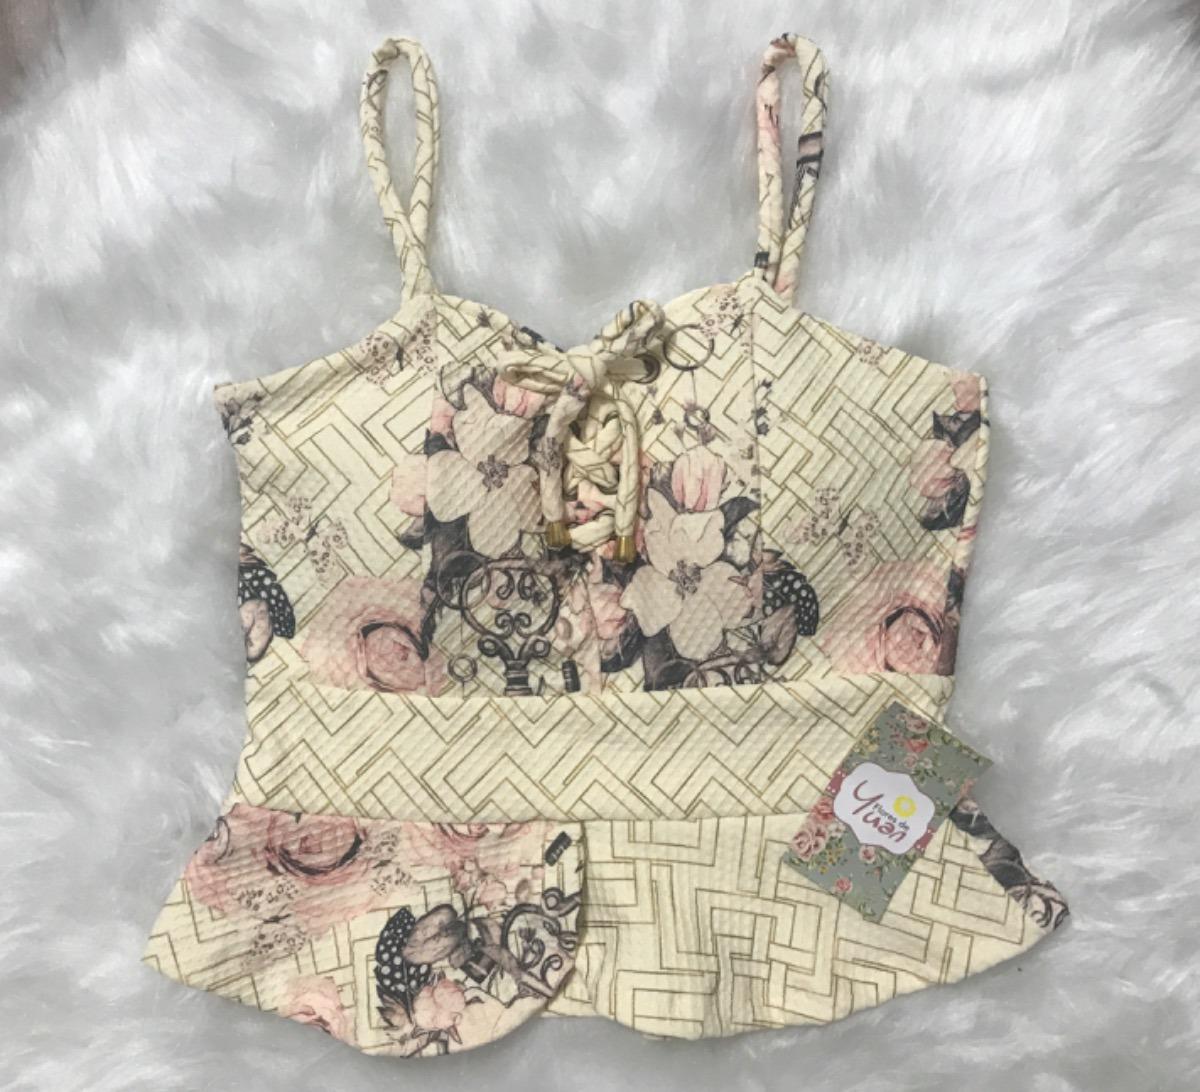 a7b2be74c Blusa Peplum Com Bojo Decote De Amarrar - R$ 79,90 em Mercado Livre